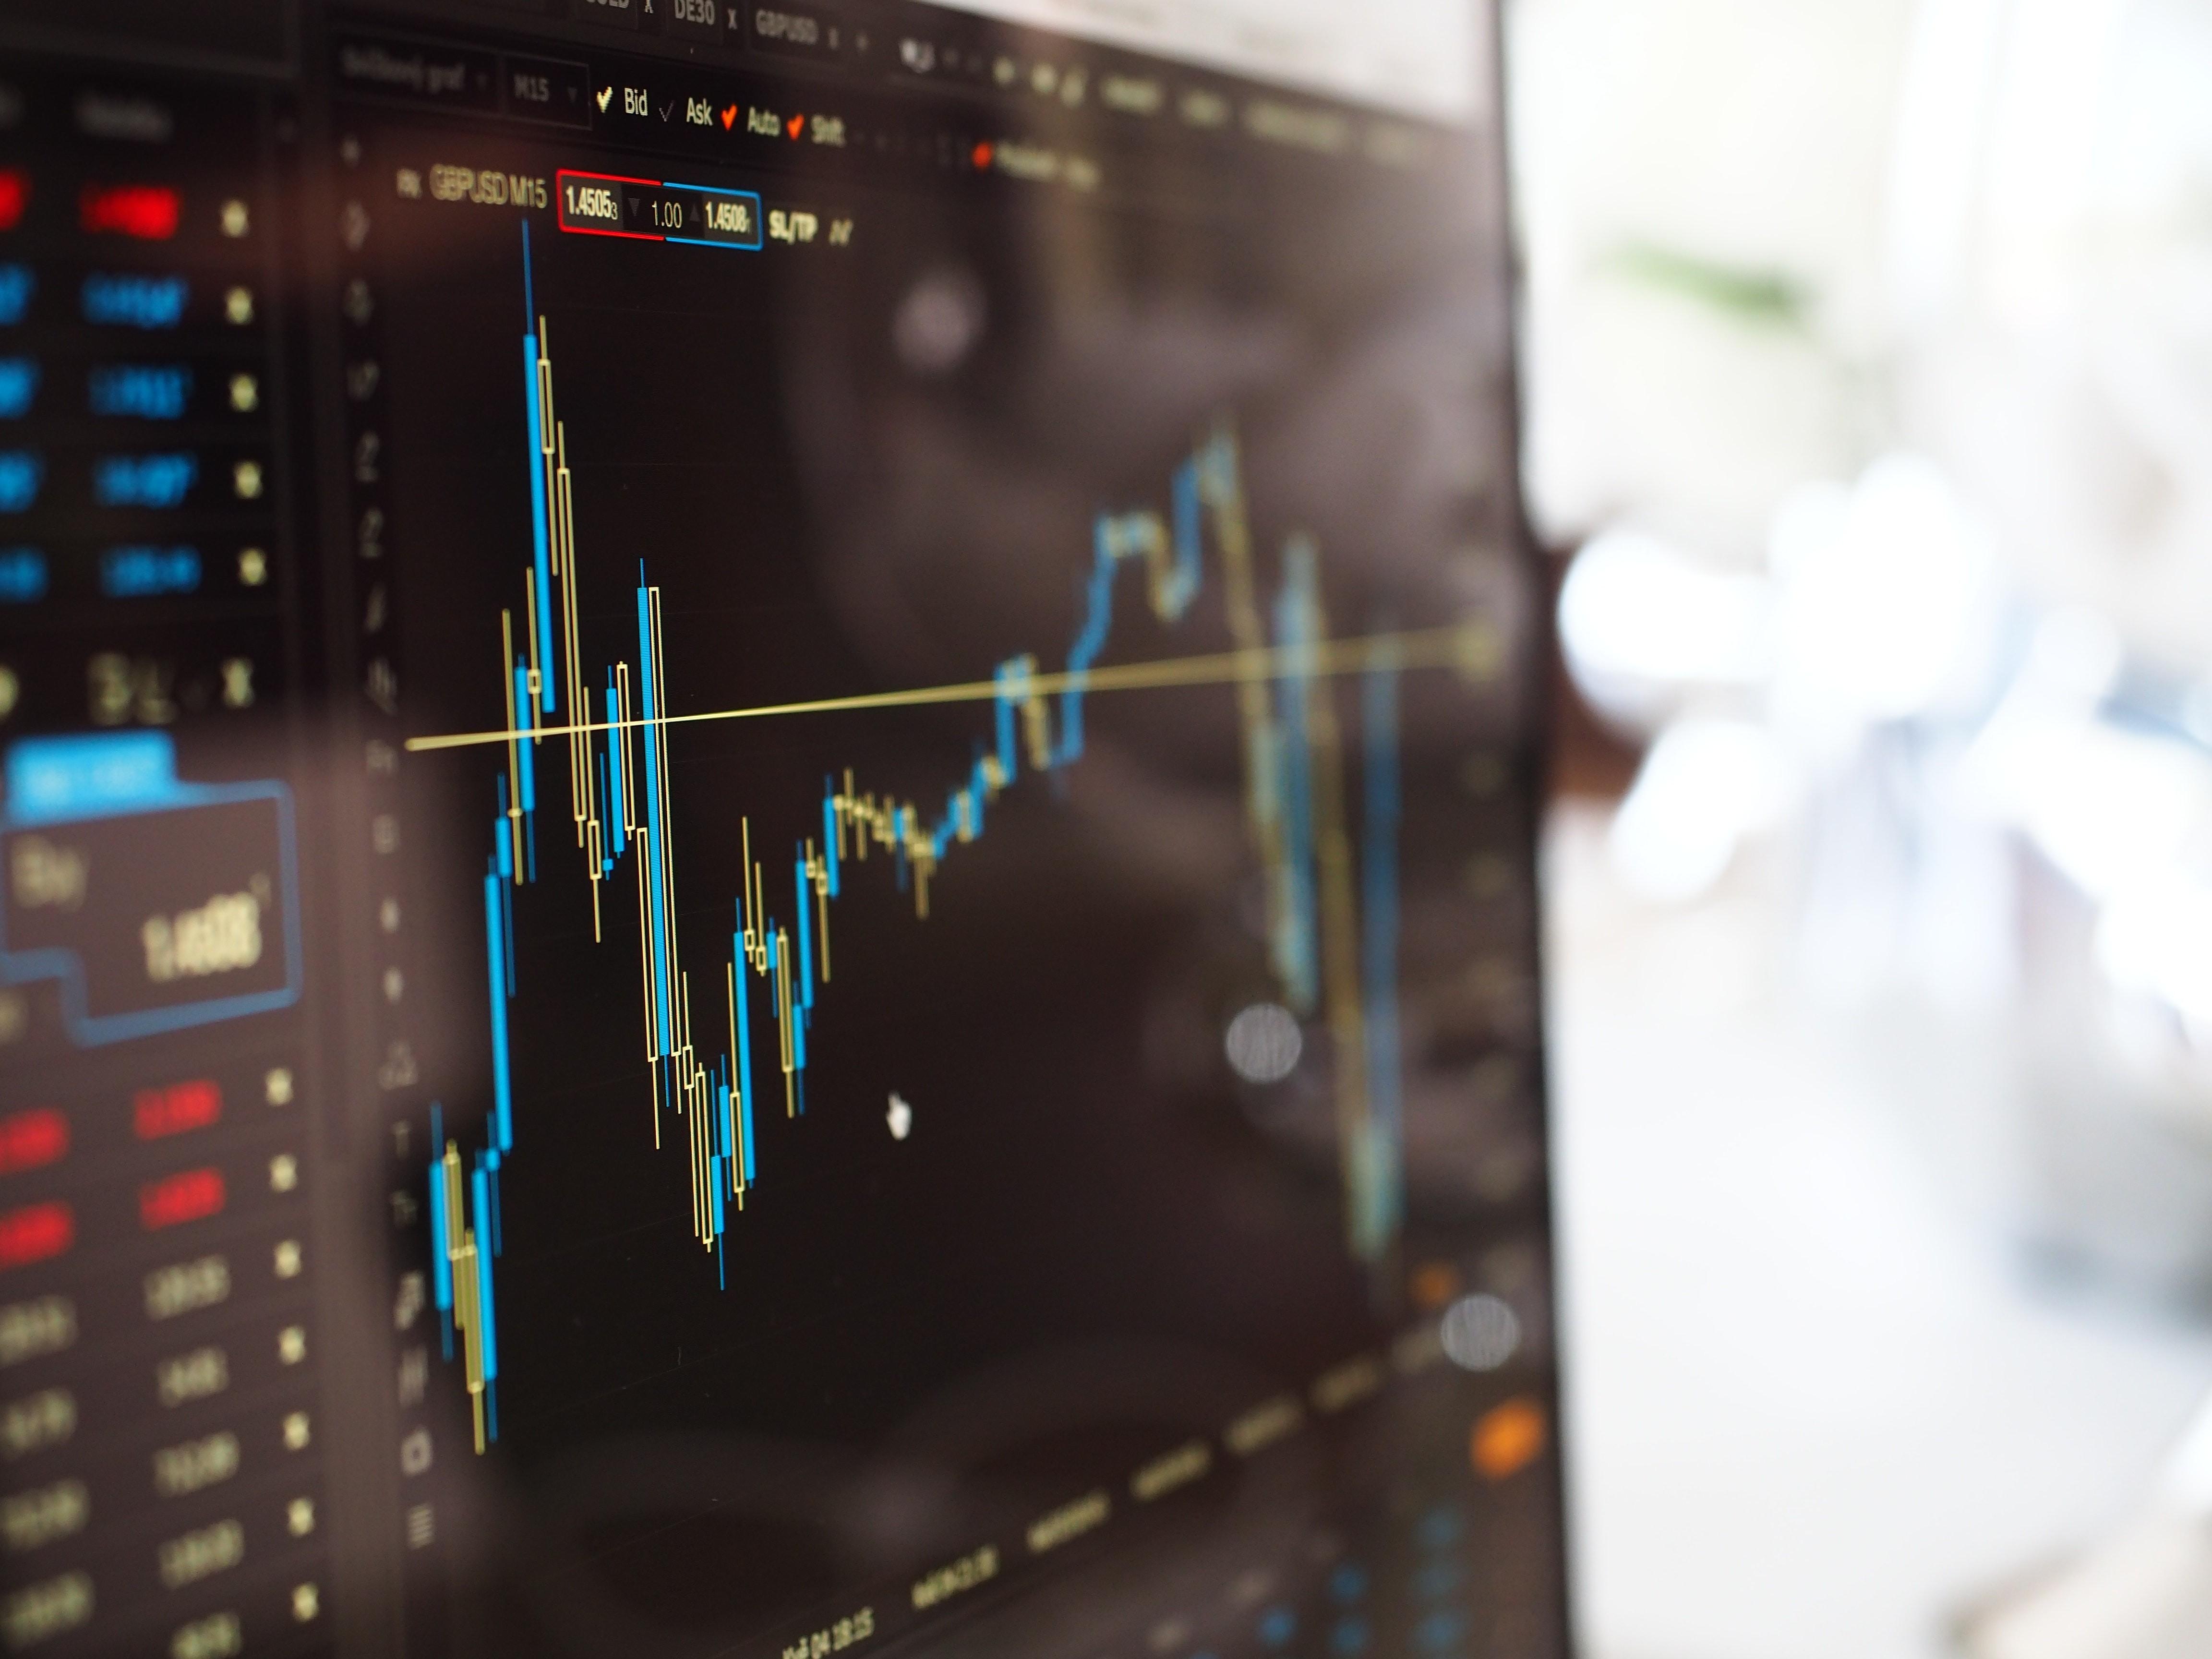 Capa - Ventiur Aceleradora conquista posto de investidora mais ativa em número de startups investidas